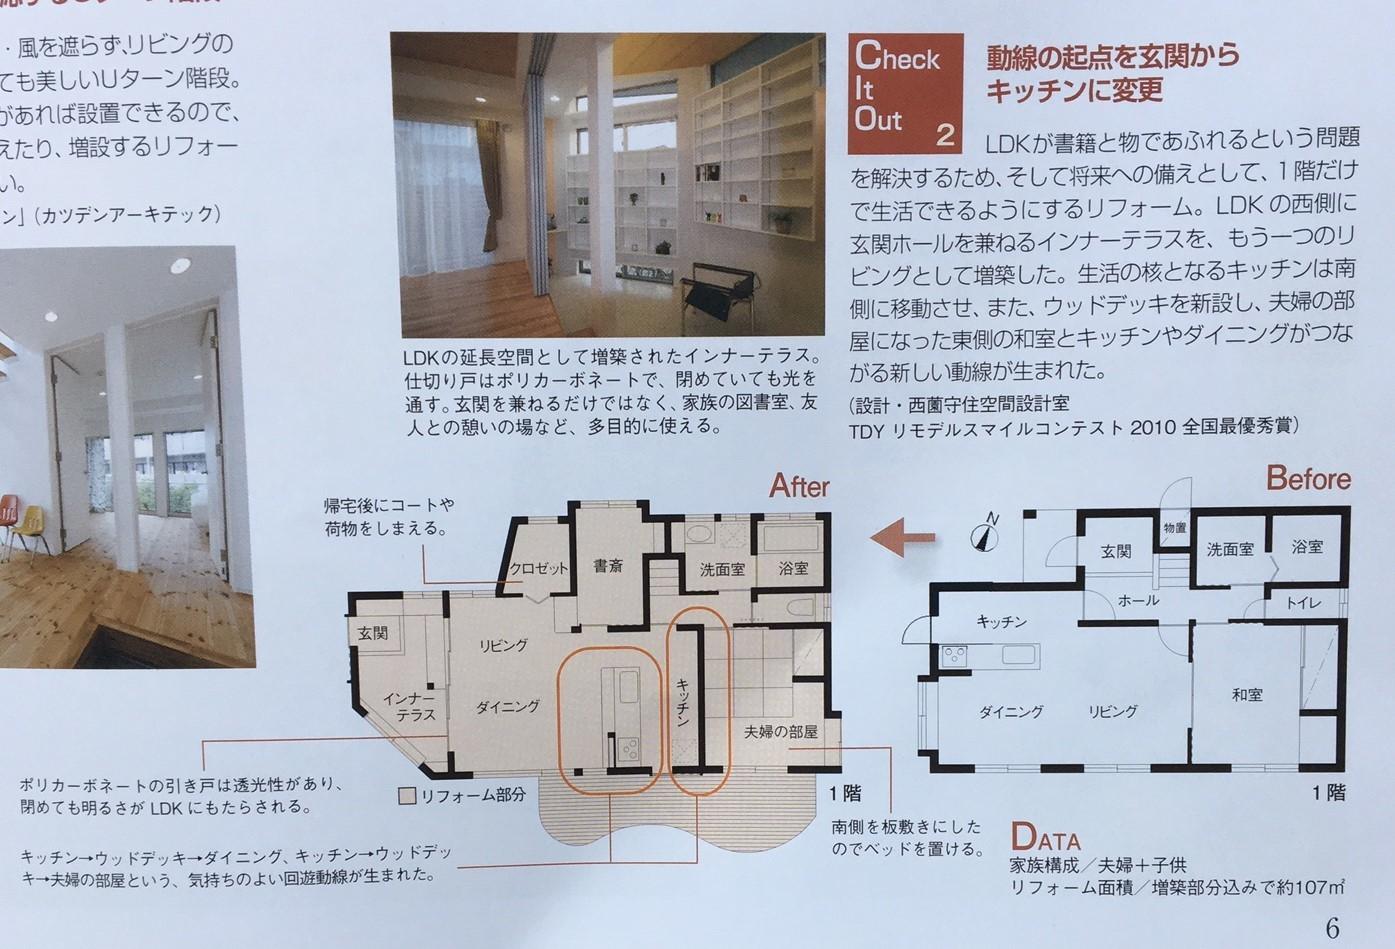 雑誌に掲載♪~本に囲まれた暮らしを楽しむ~『インナーテラスのある家』_d0082356_11074060.jpg